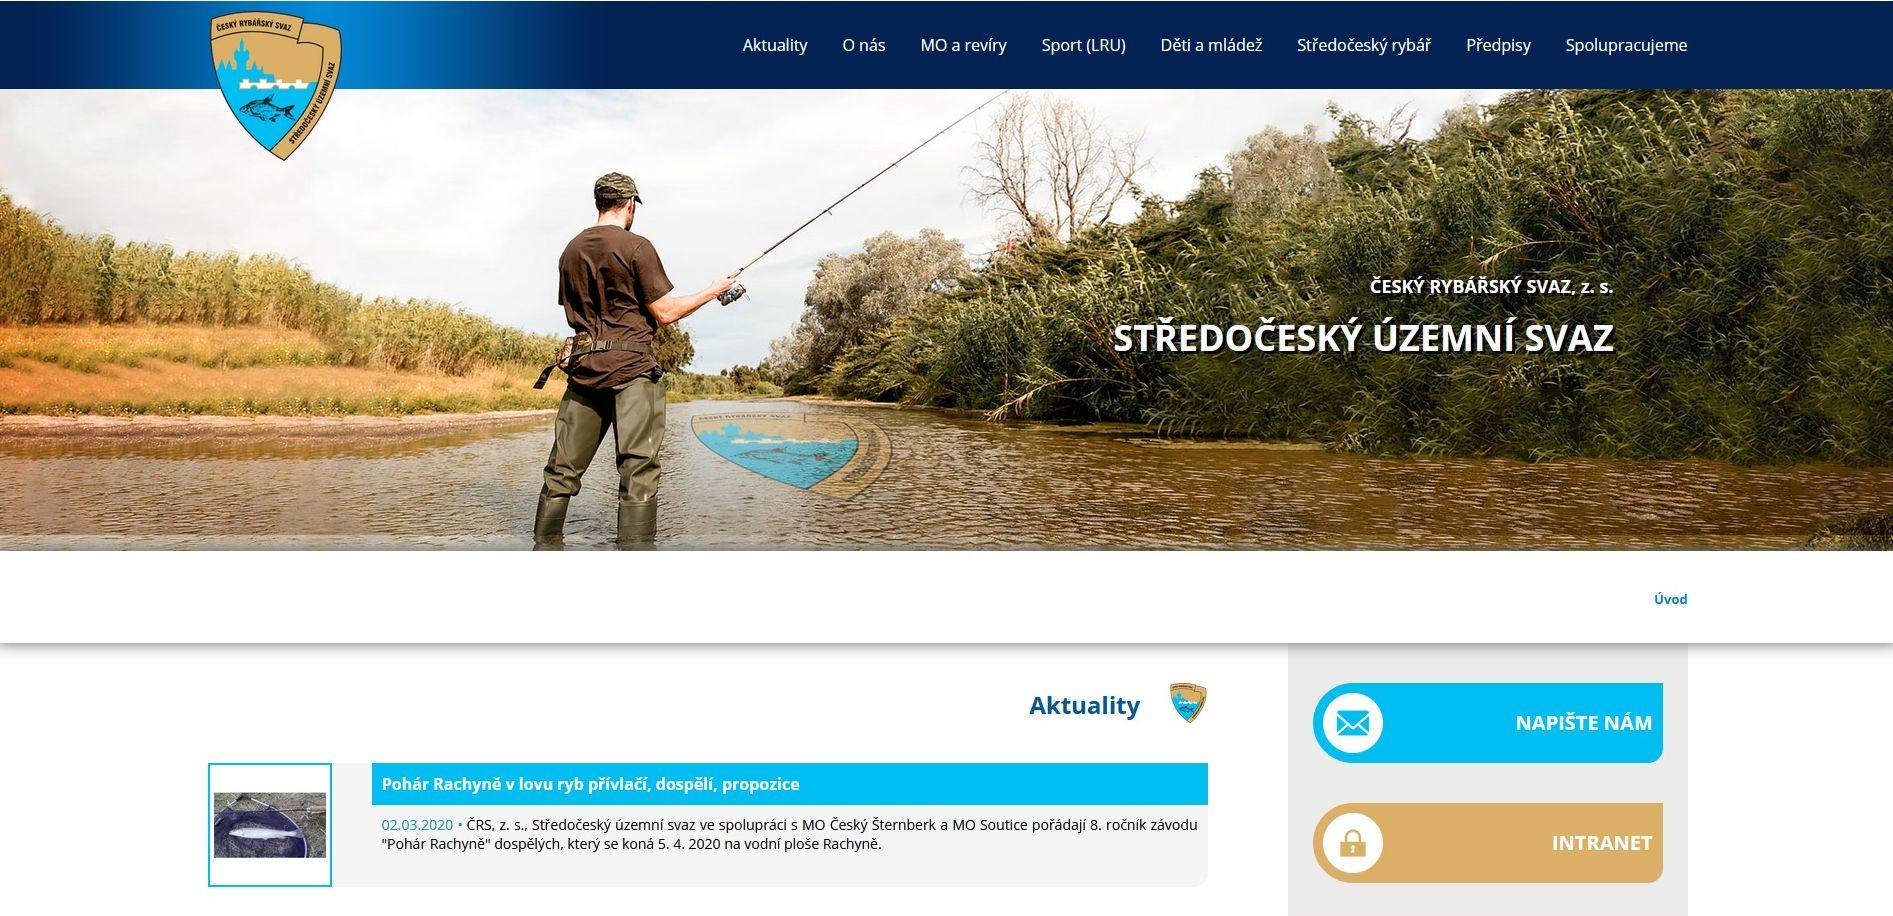 Středočeský územní svaz má nové webové stránky